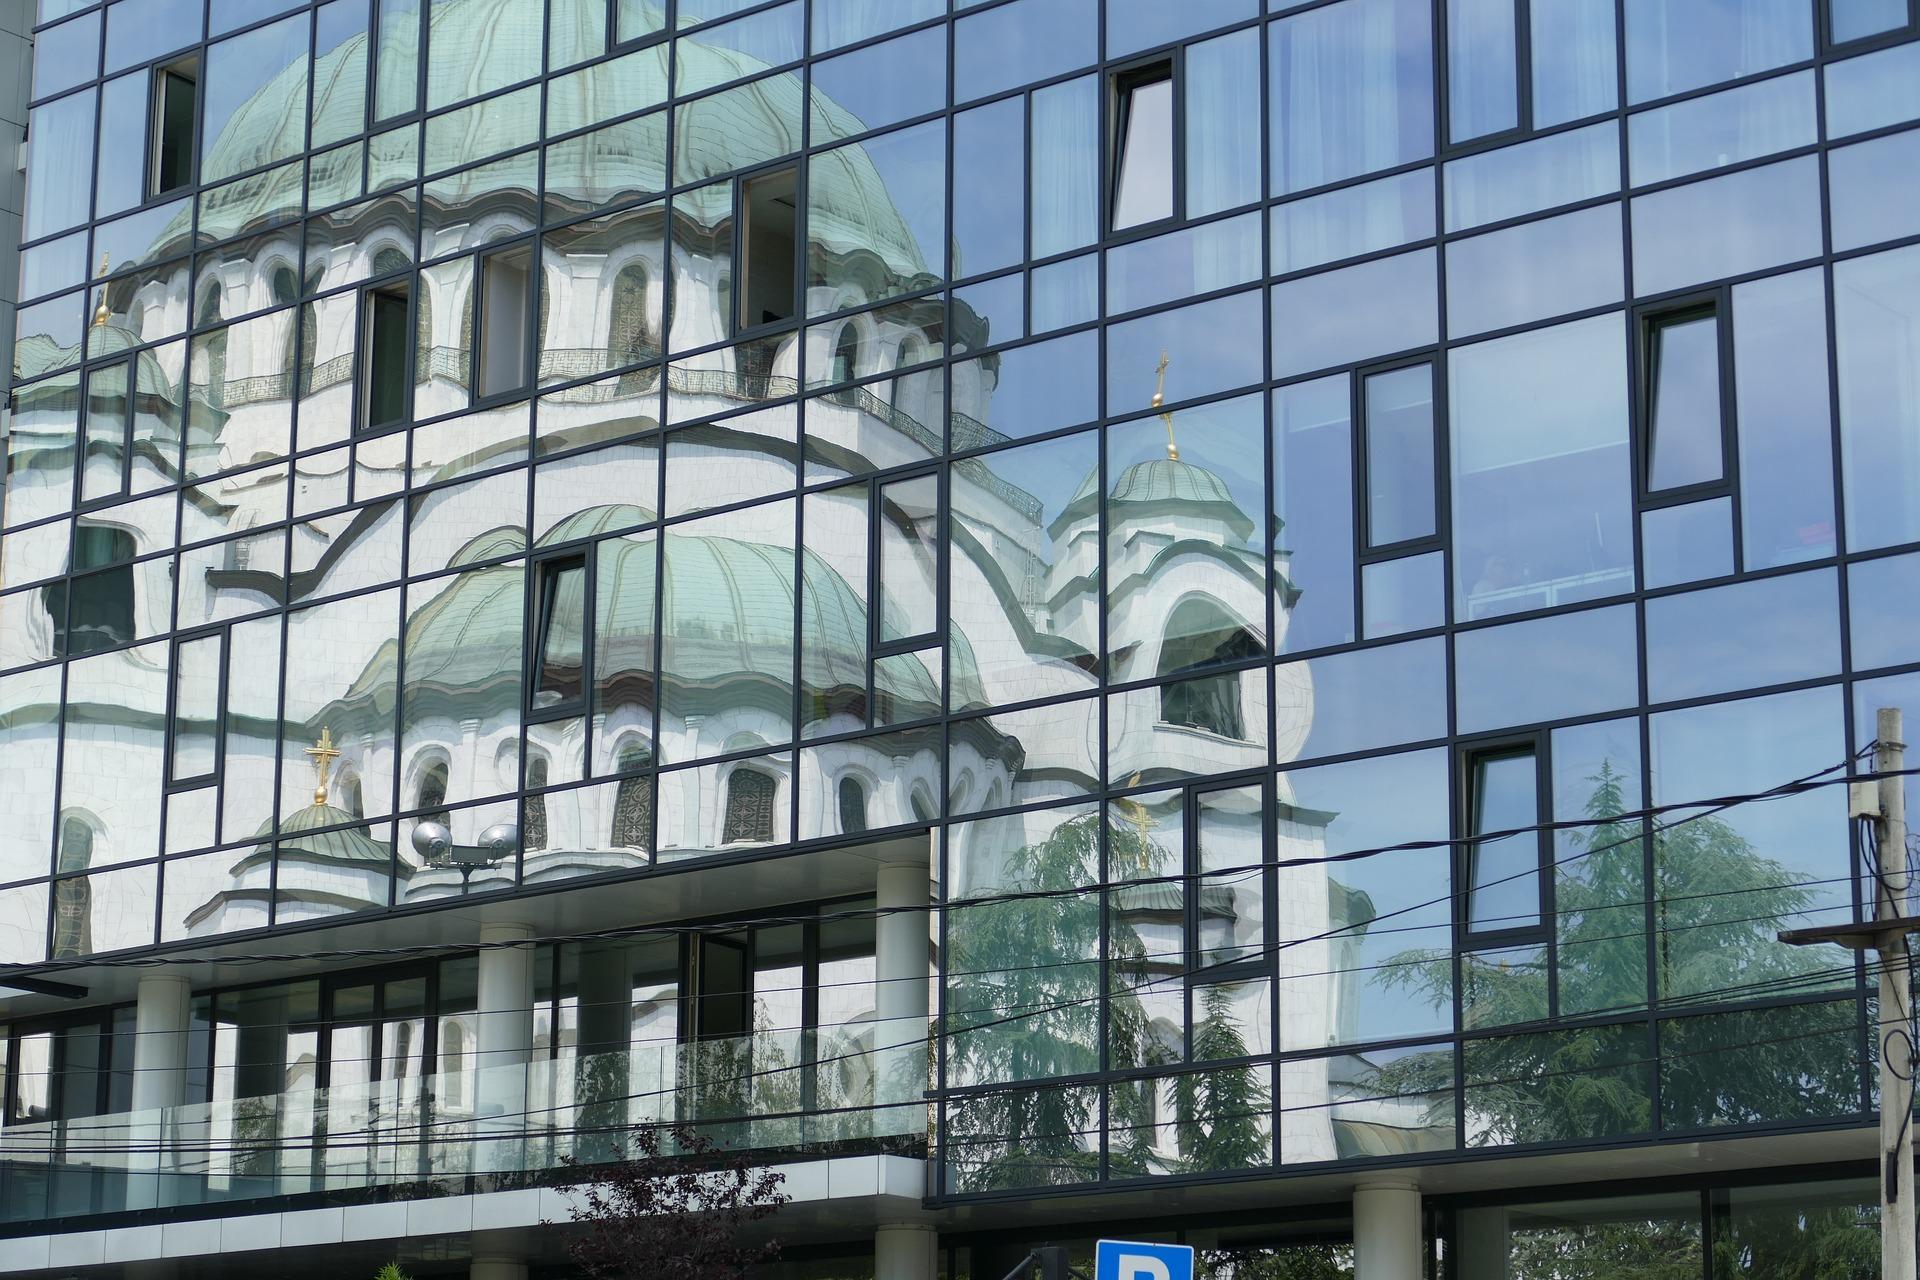 belgrado-2506700_1920